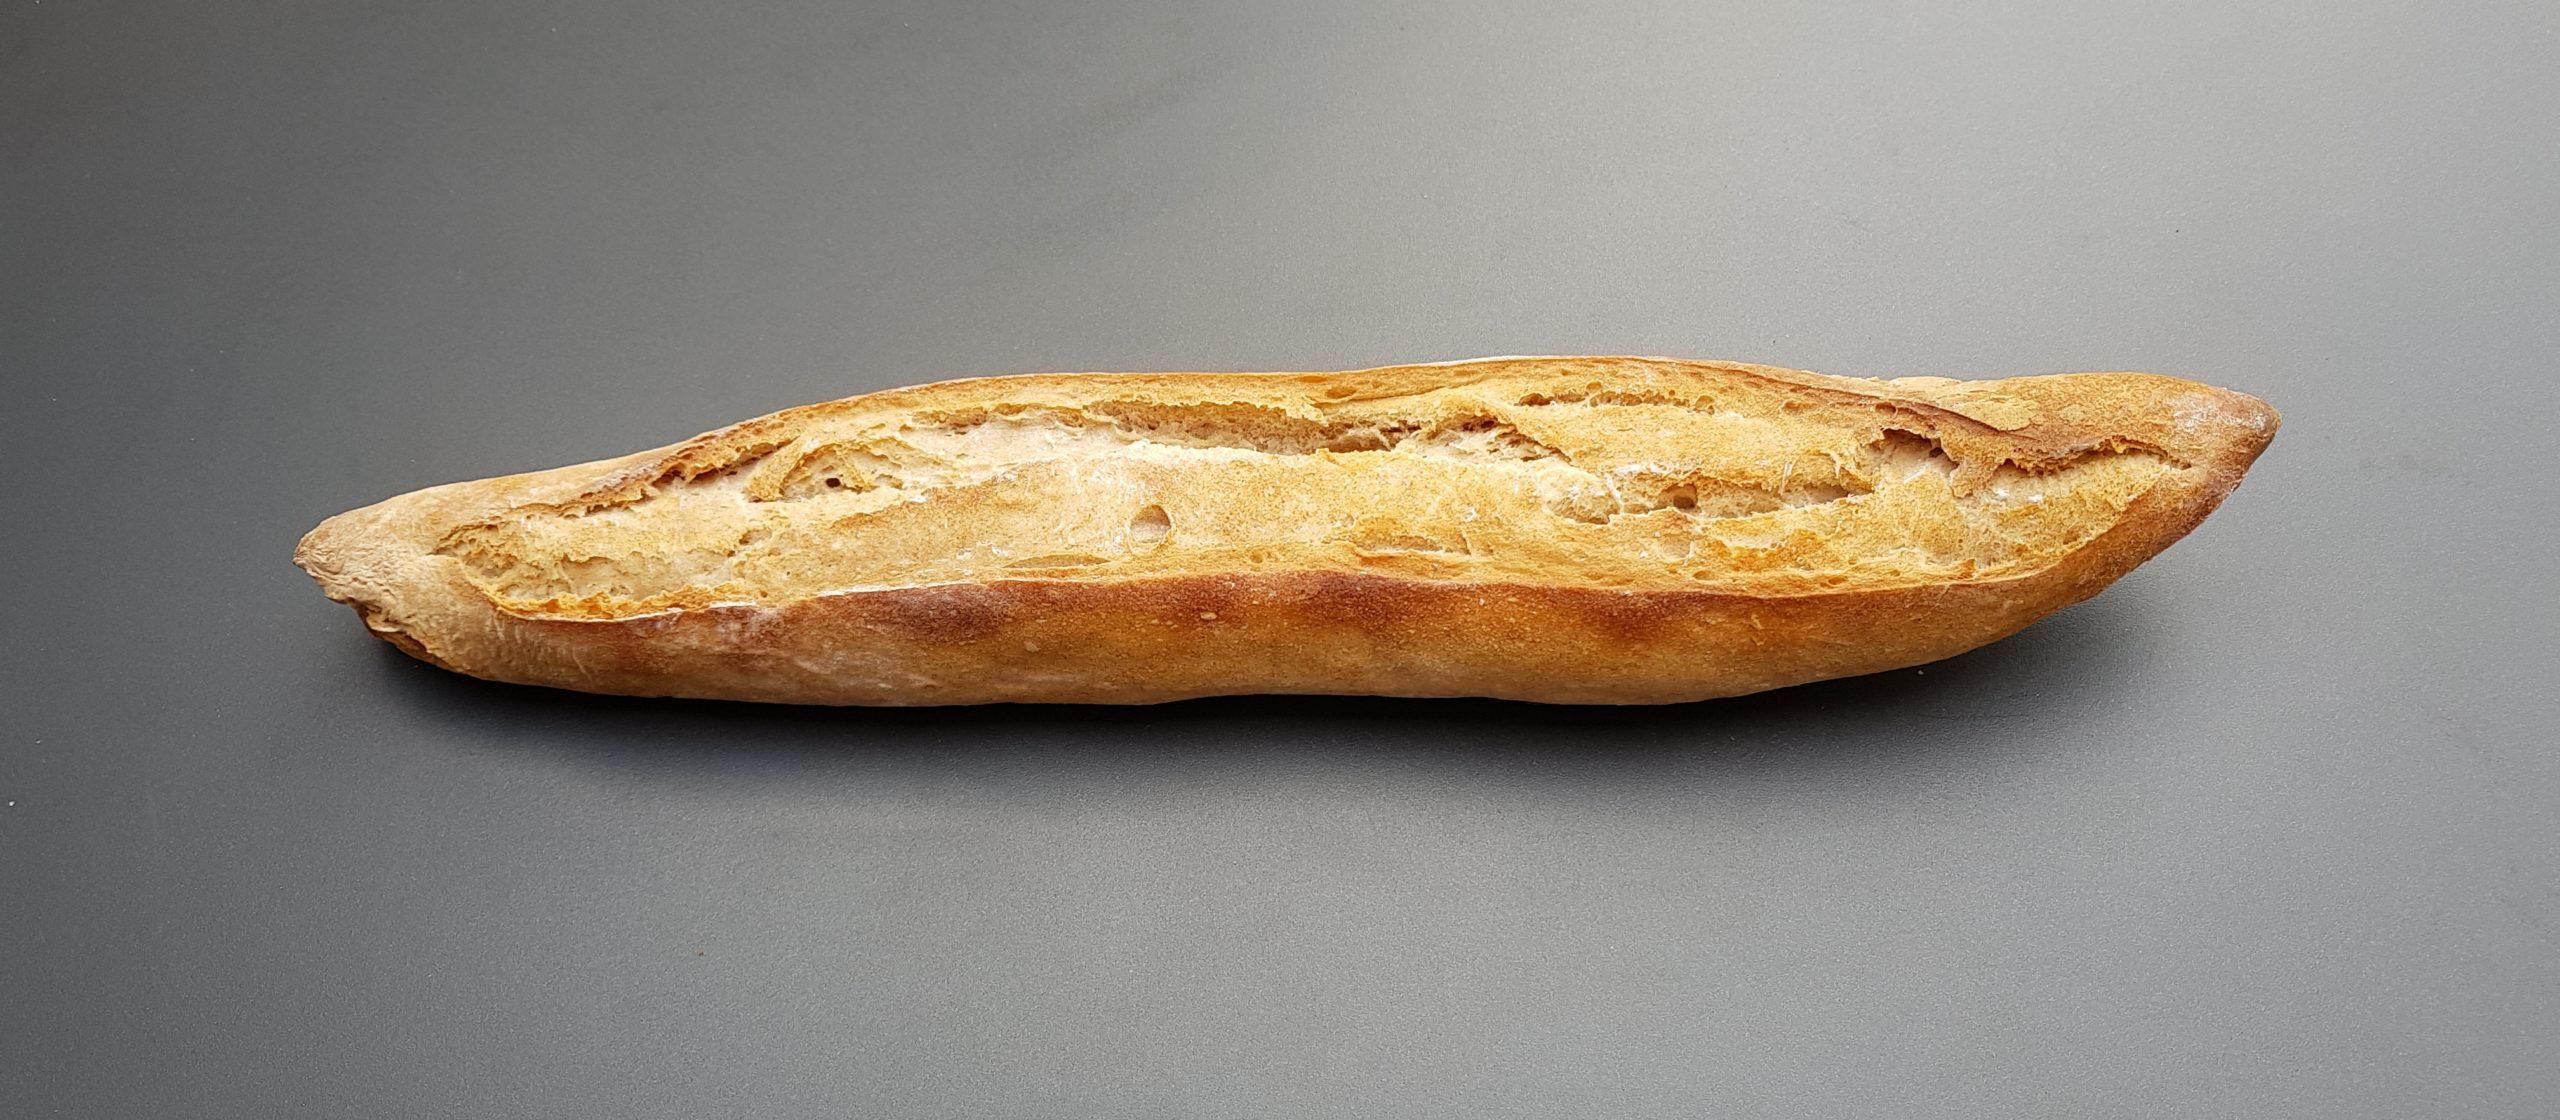 13 septembre 2018 : journée du pain de tradition française